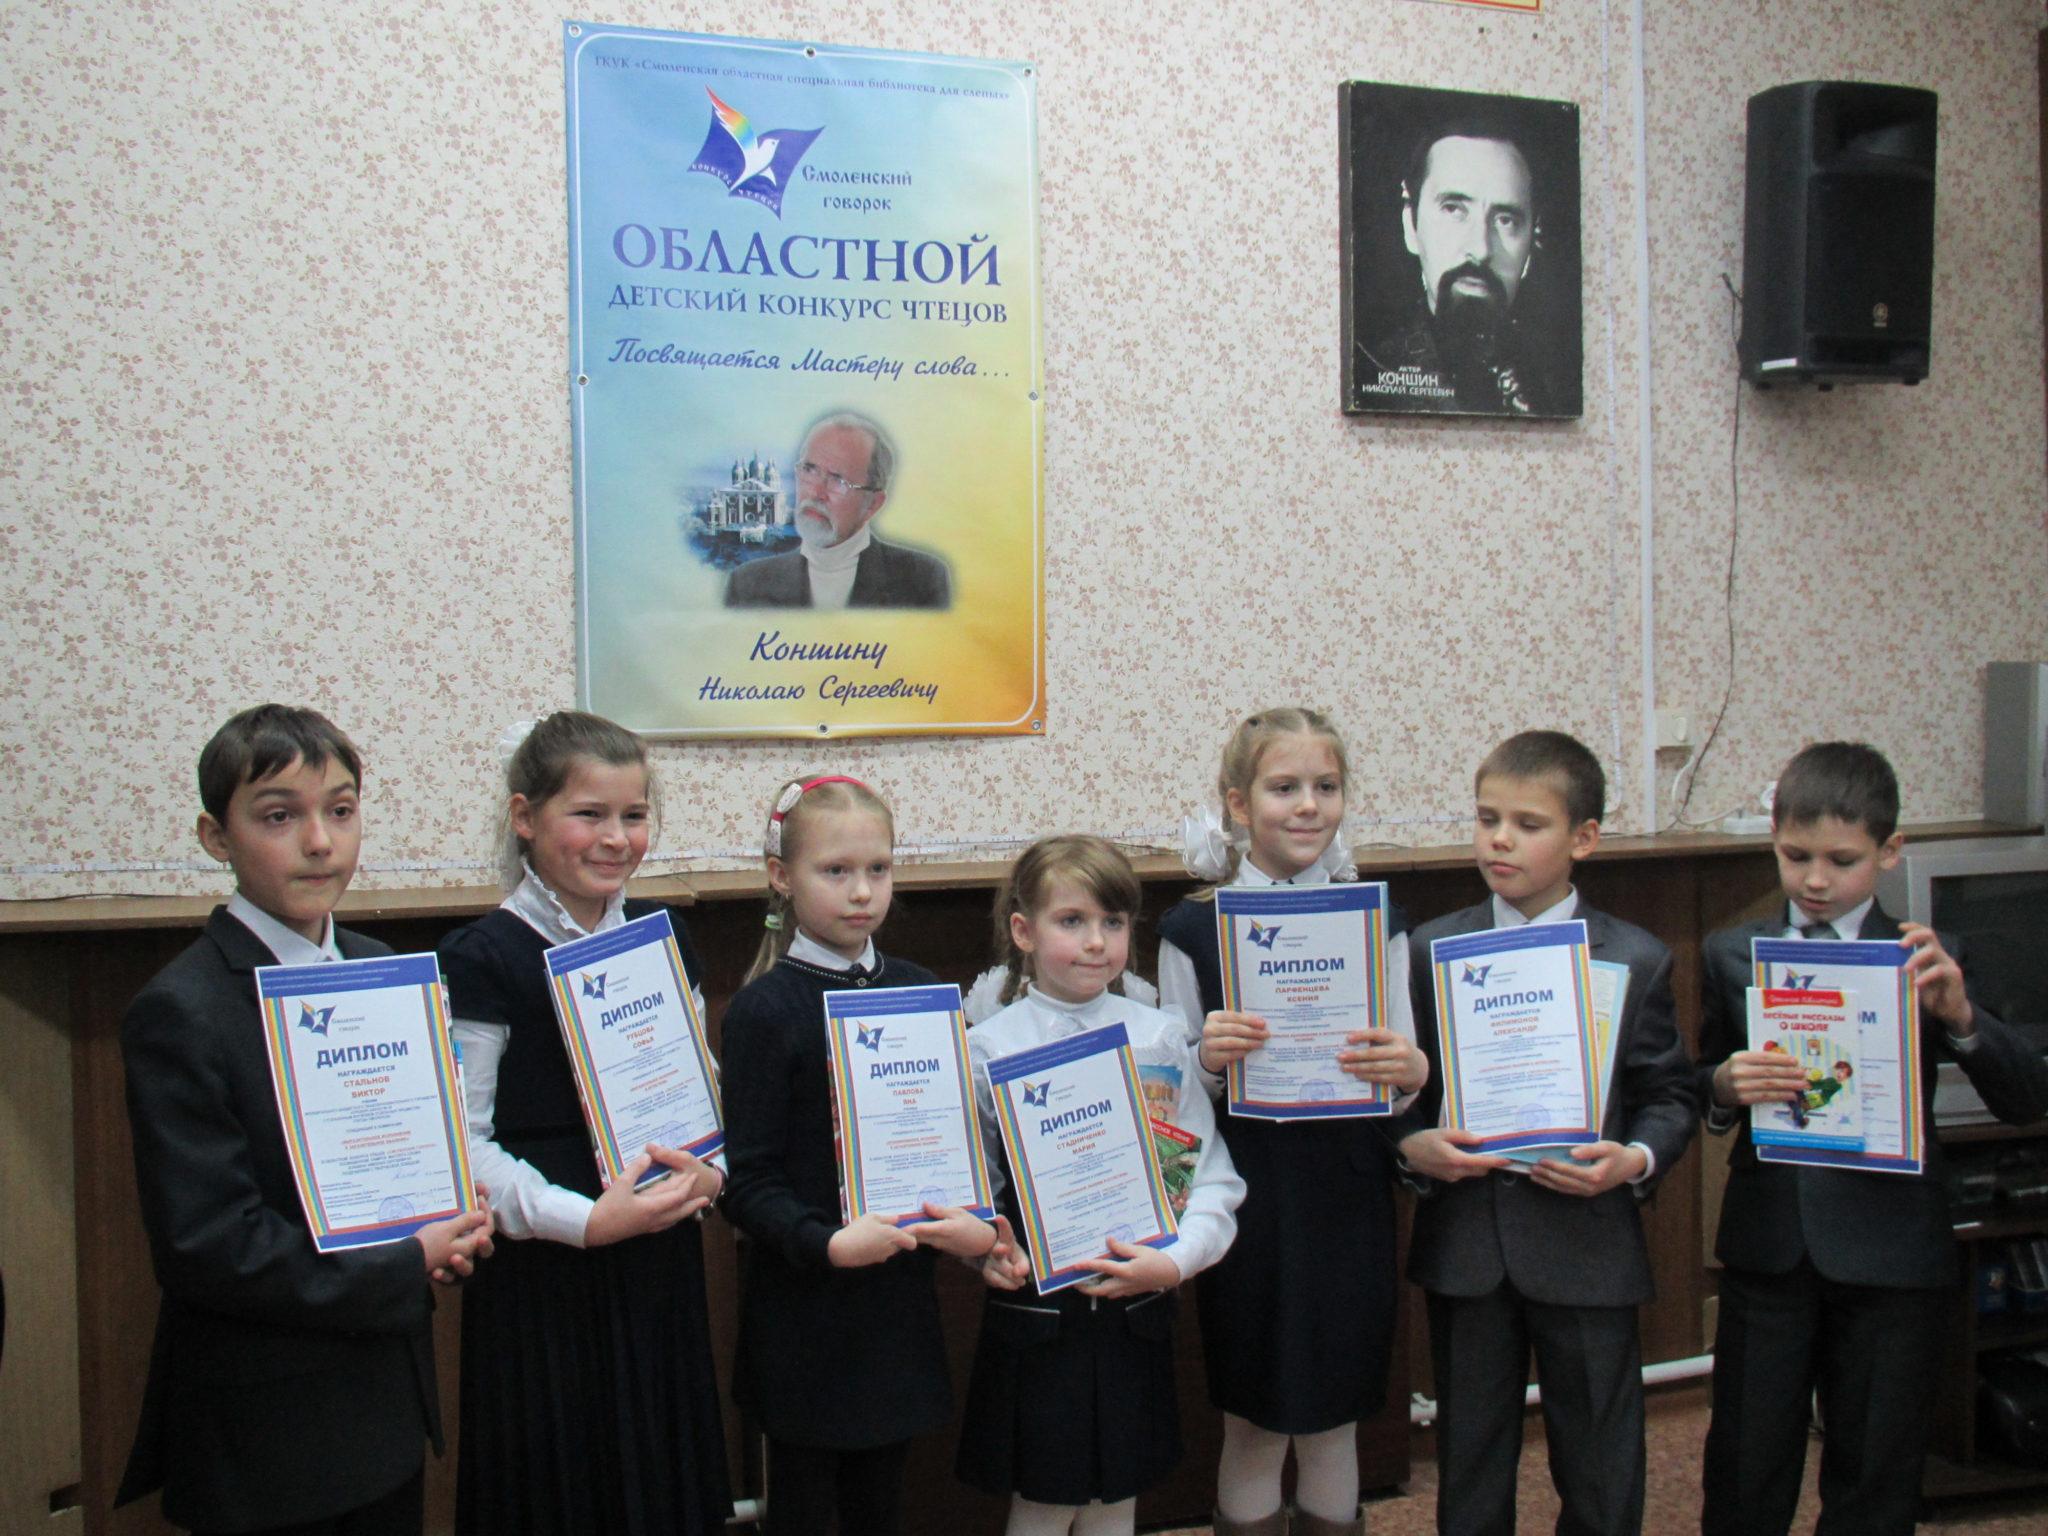 Детская проза на конкурс чтецов